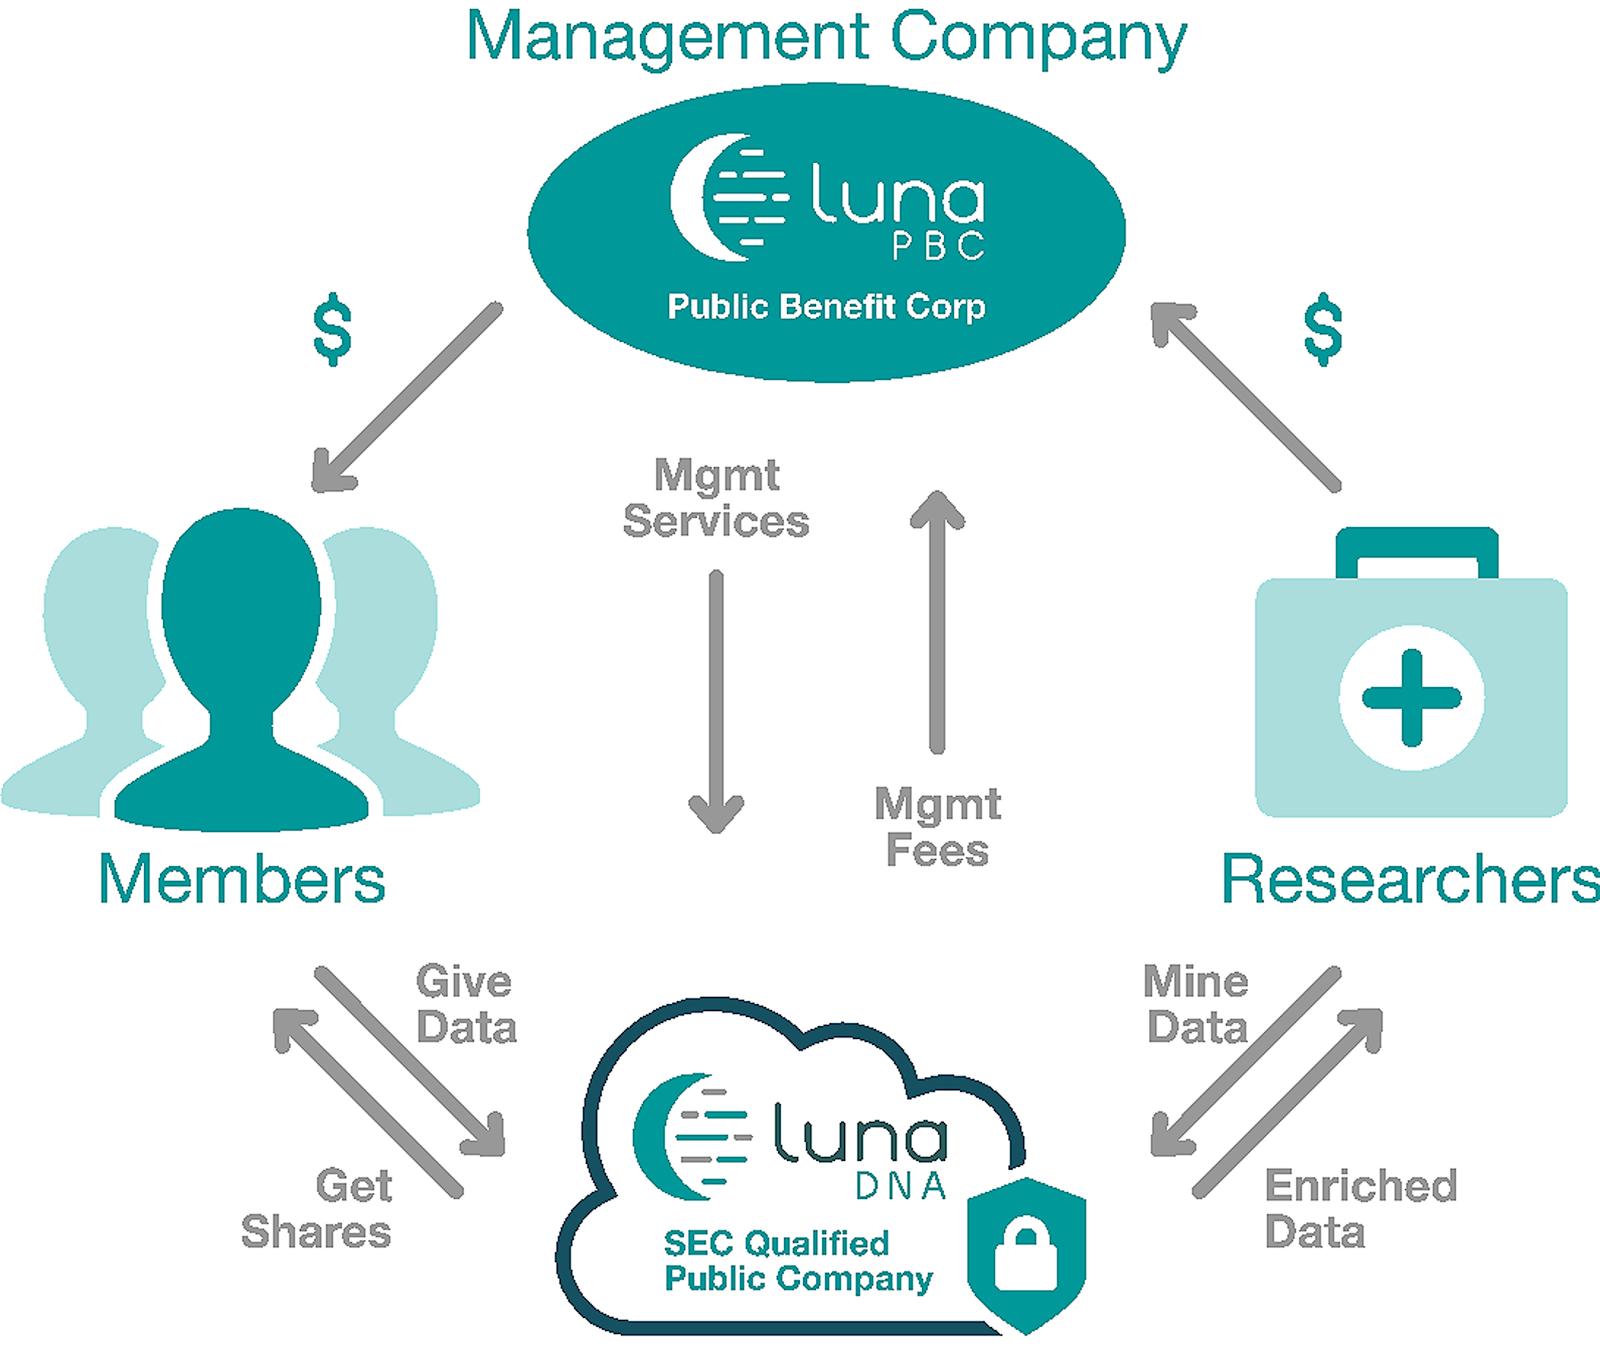 نموذج مشاركة بيانات LunaDNA.